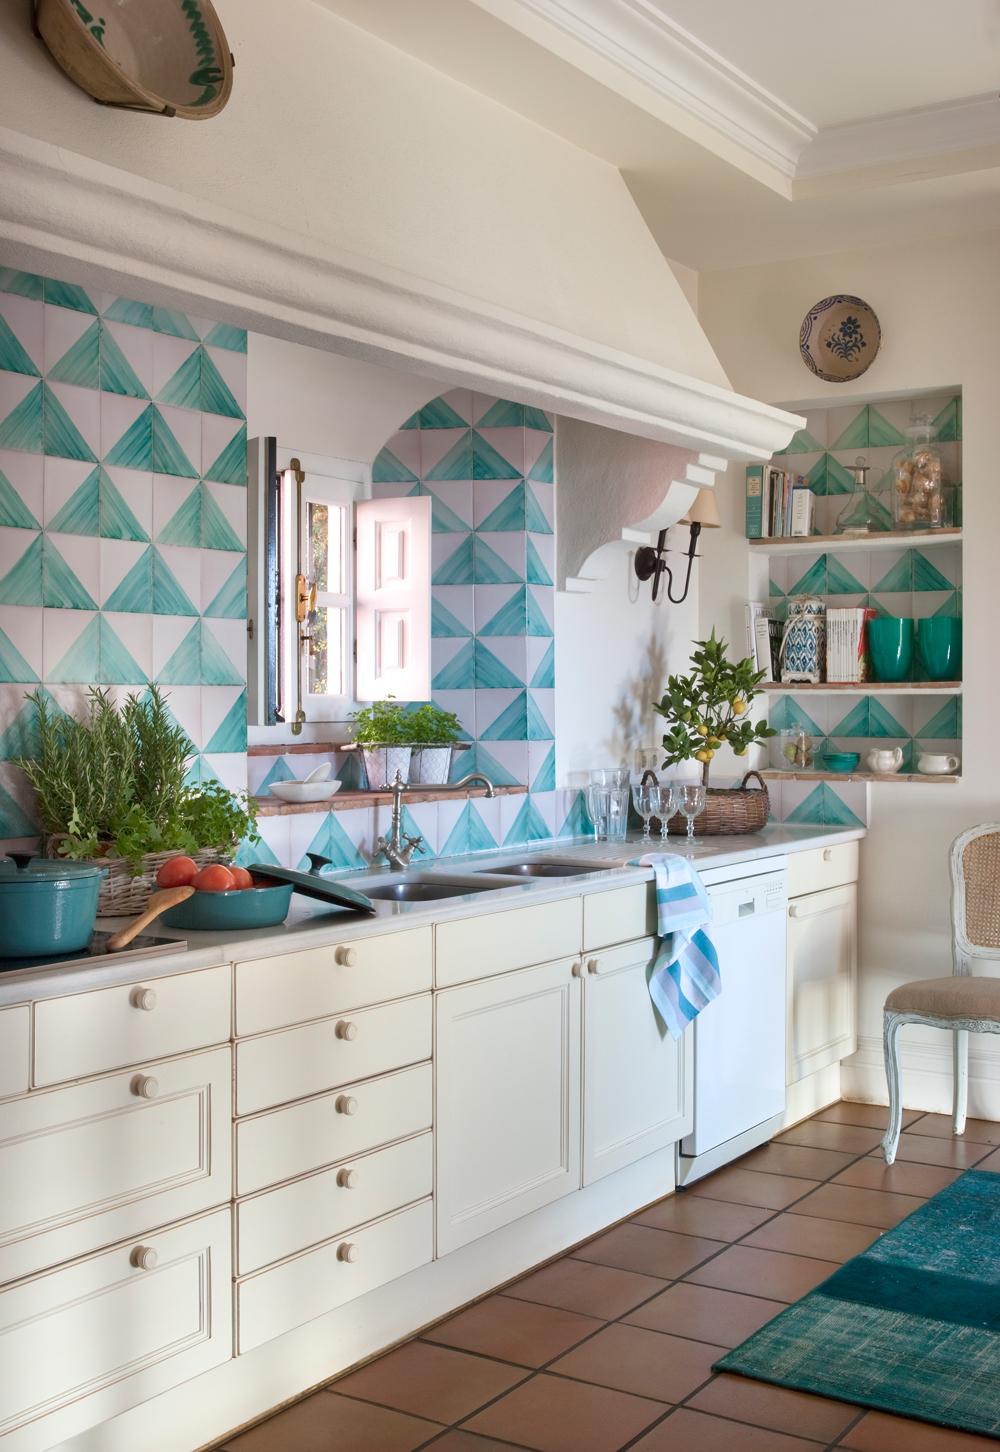 Dale color a tu cocina blanca - Como limpiar azulejos cocina ...